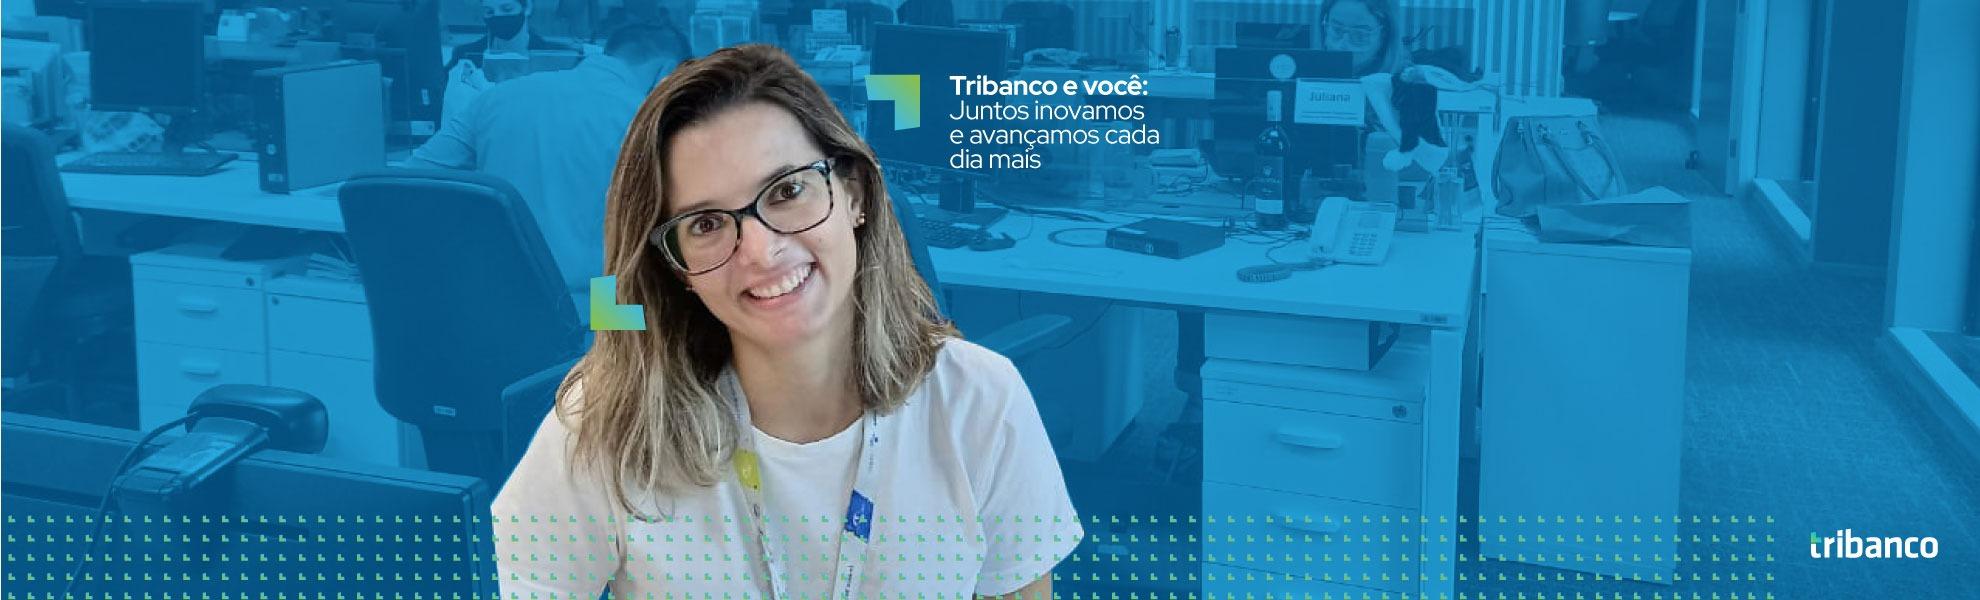 Analista Gestão de Capital Jr - Uberlândia/MG ou São Paulo/SP